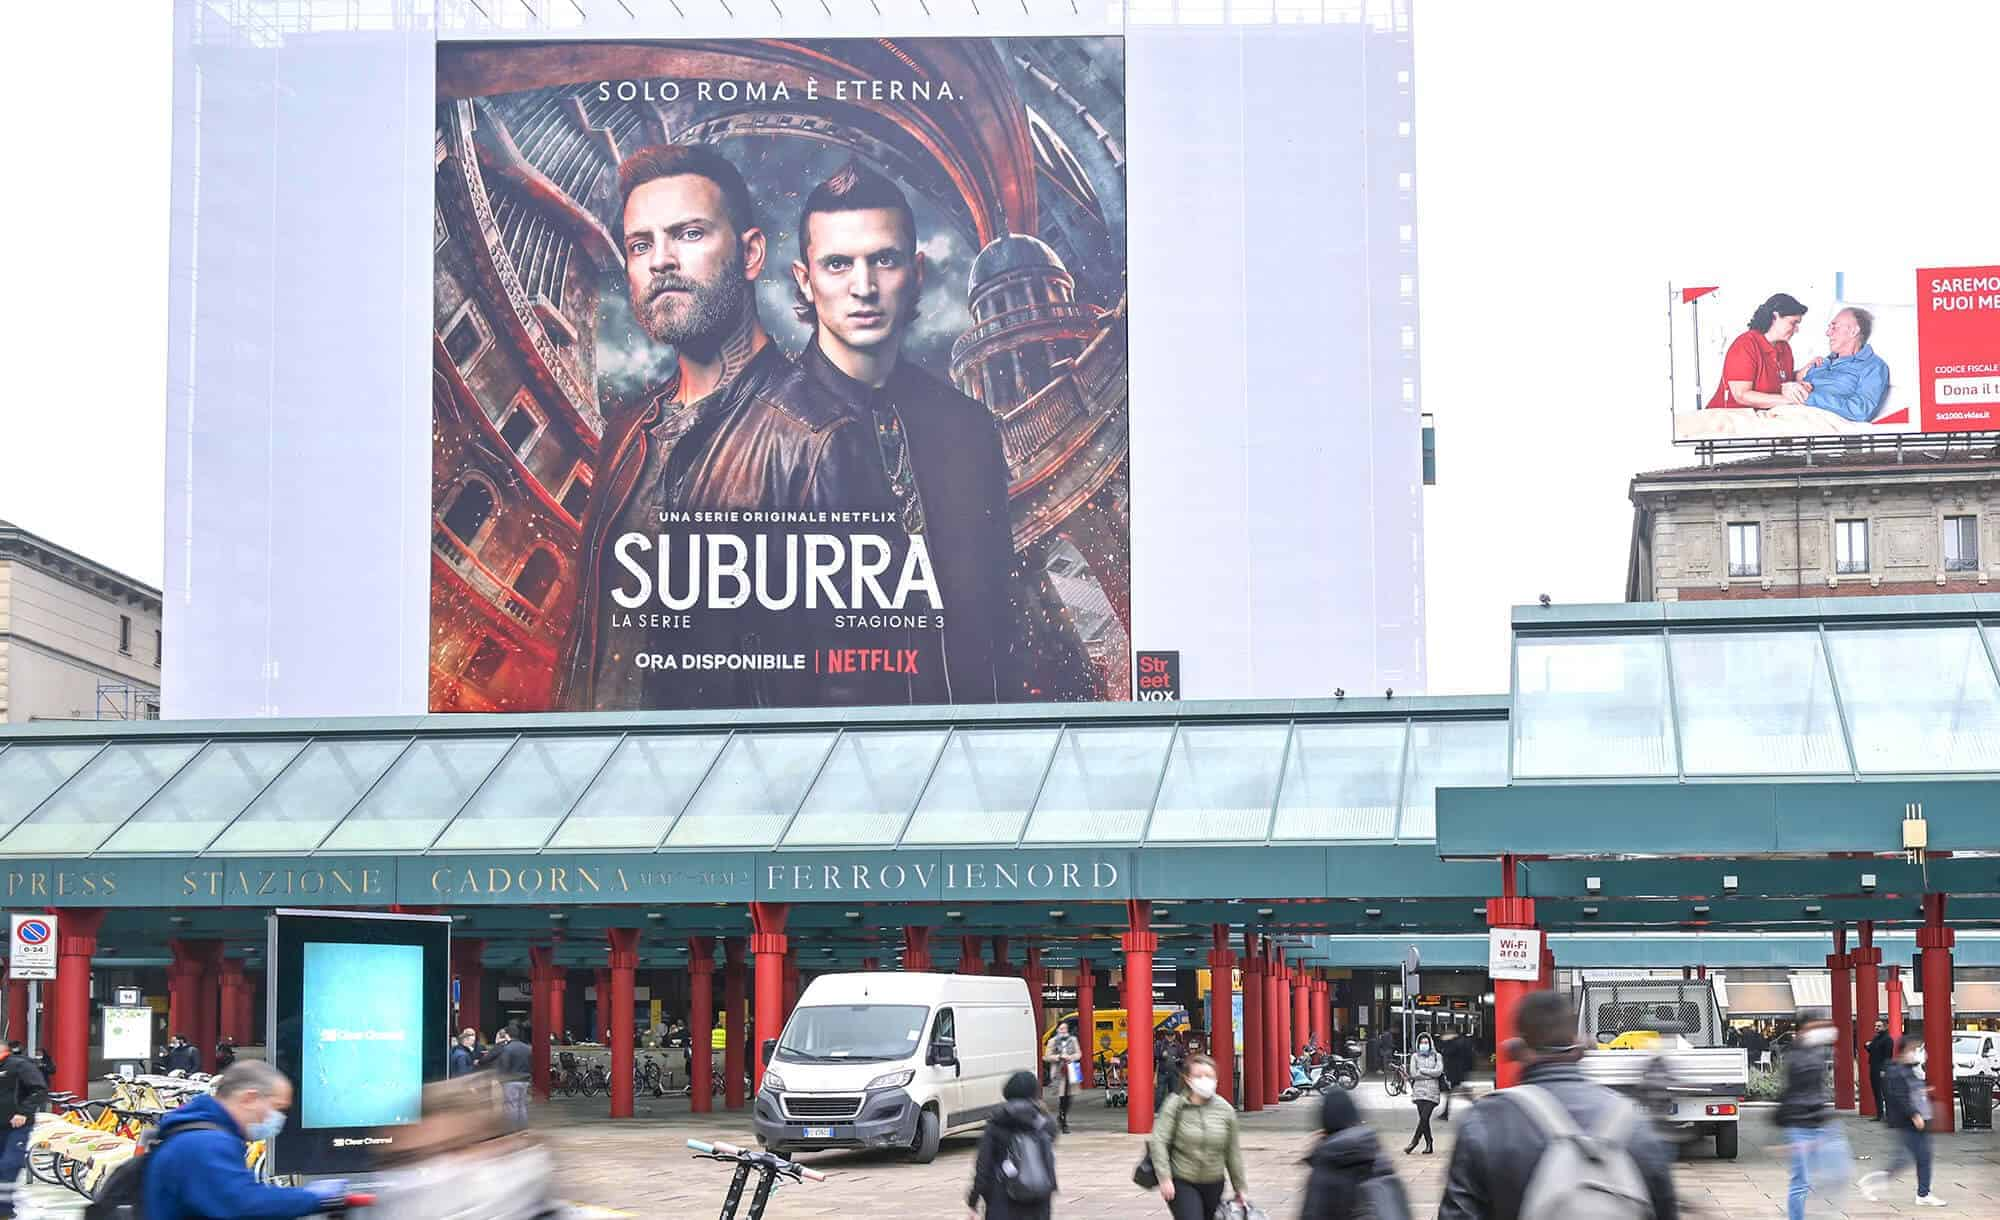 Maxi Affissione a Milano in Cadorna con Netflix Suburra (Entertainment)